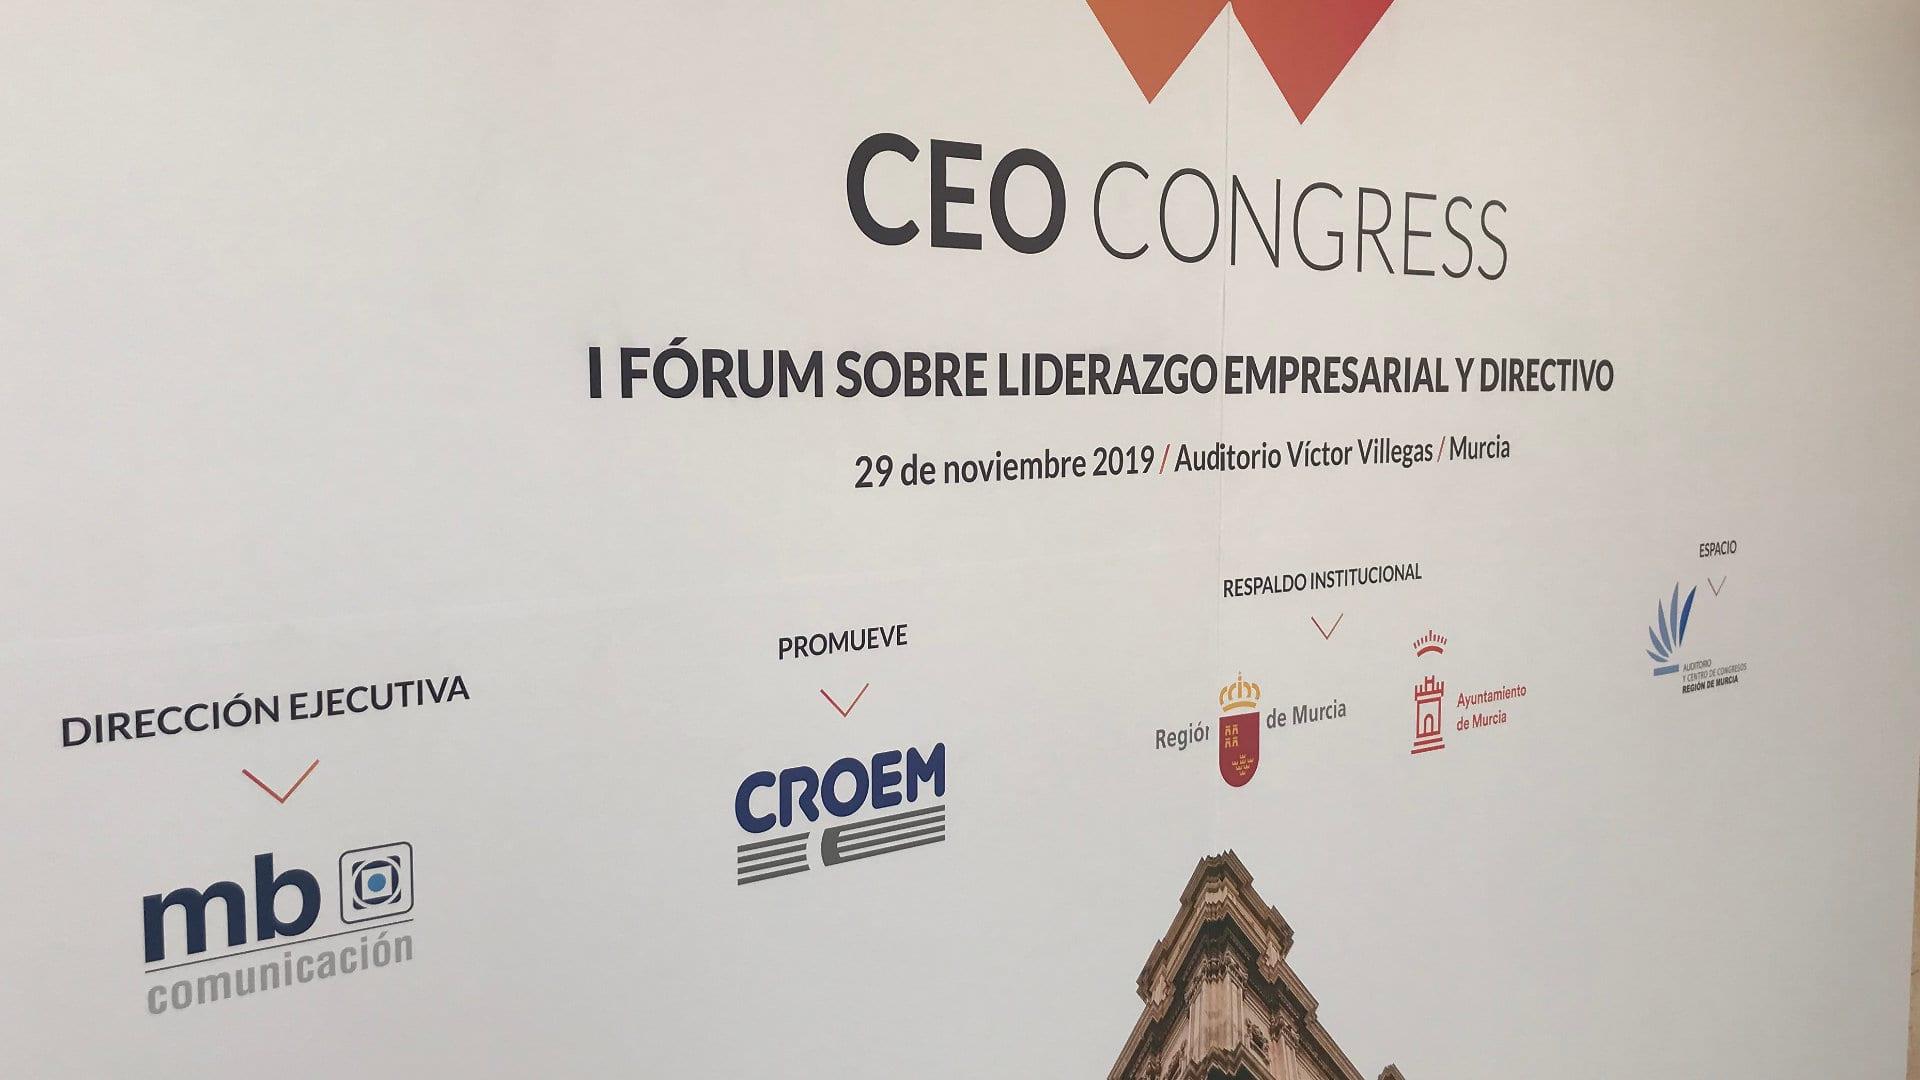 Nota de prensa de presentación del CEO CONGRESS Murcia 2019